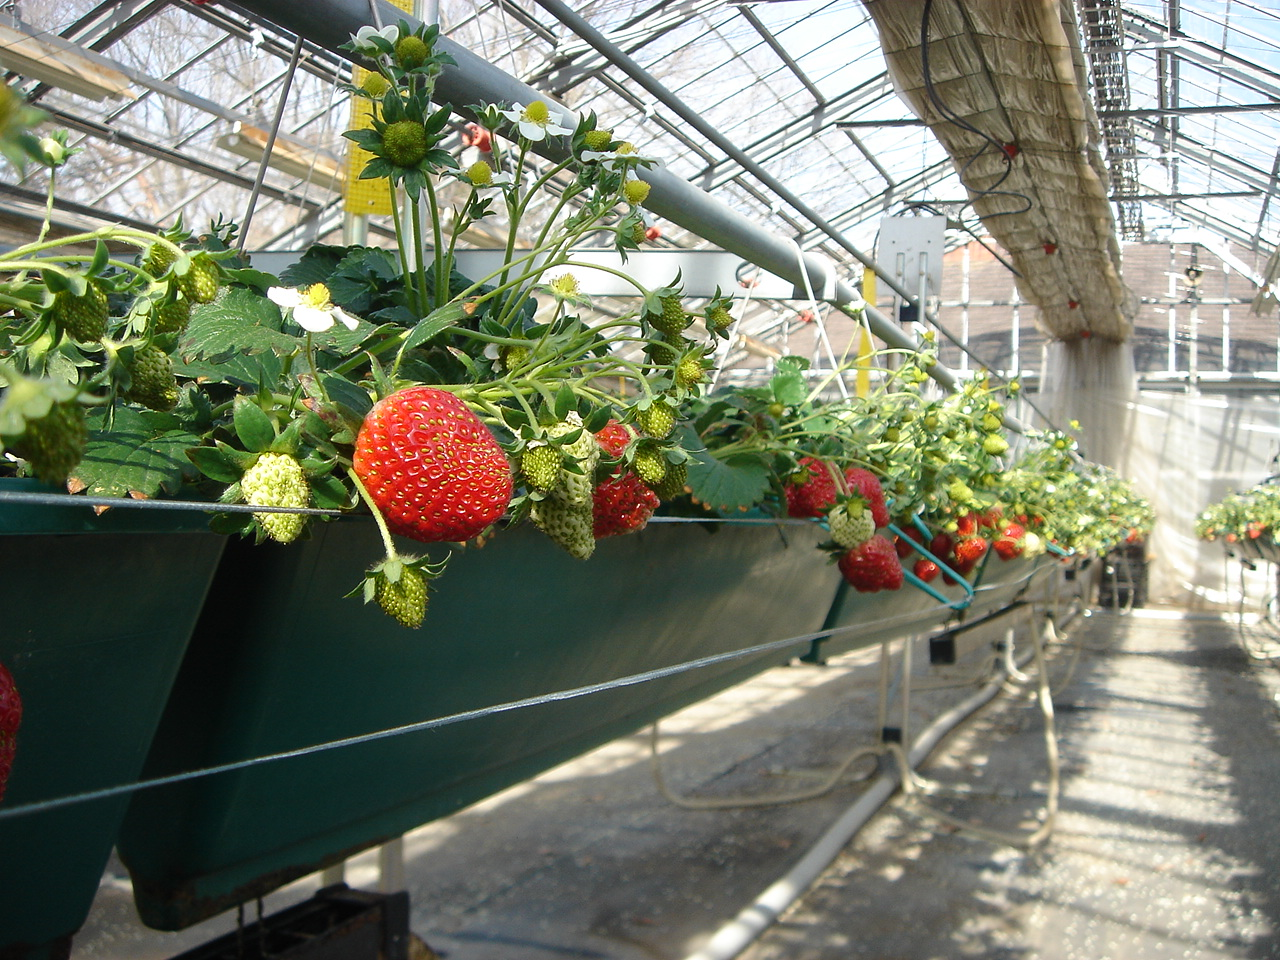 4月16日(土)にイチゴの収穫体験を開催します